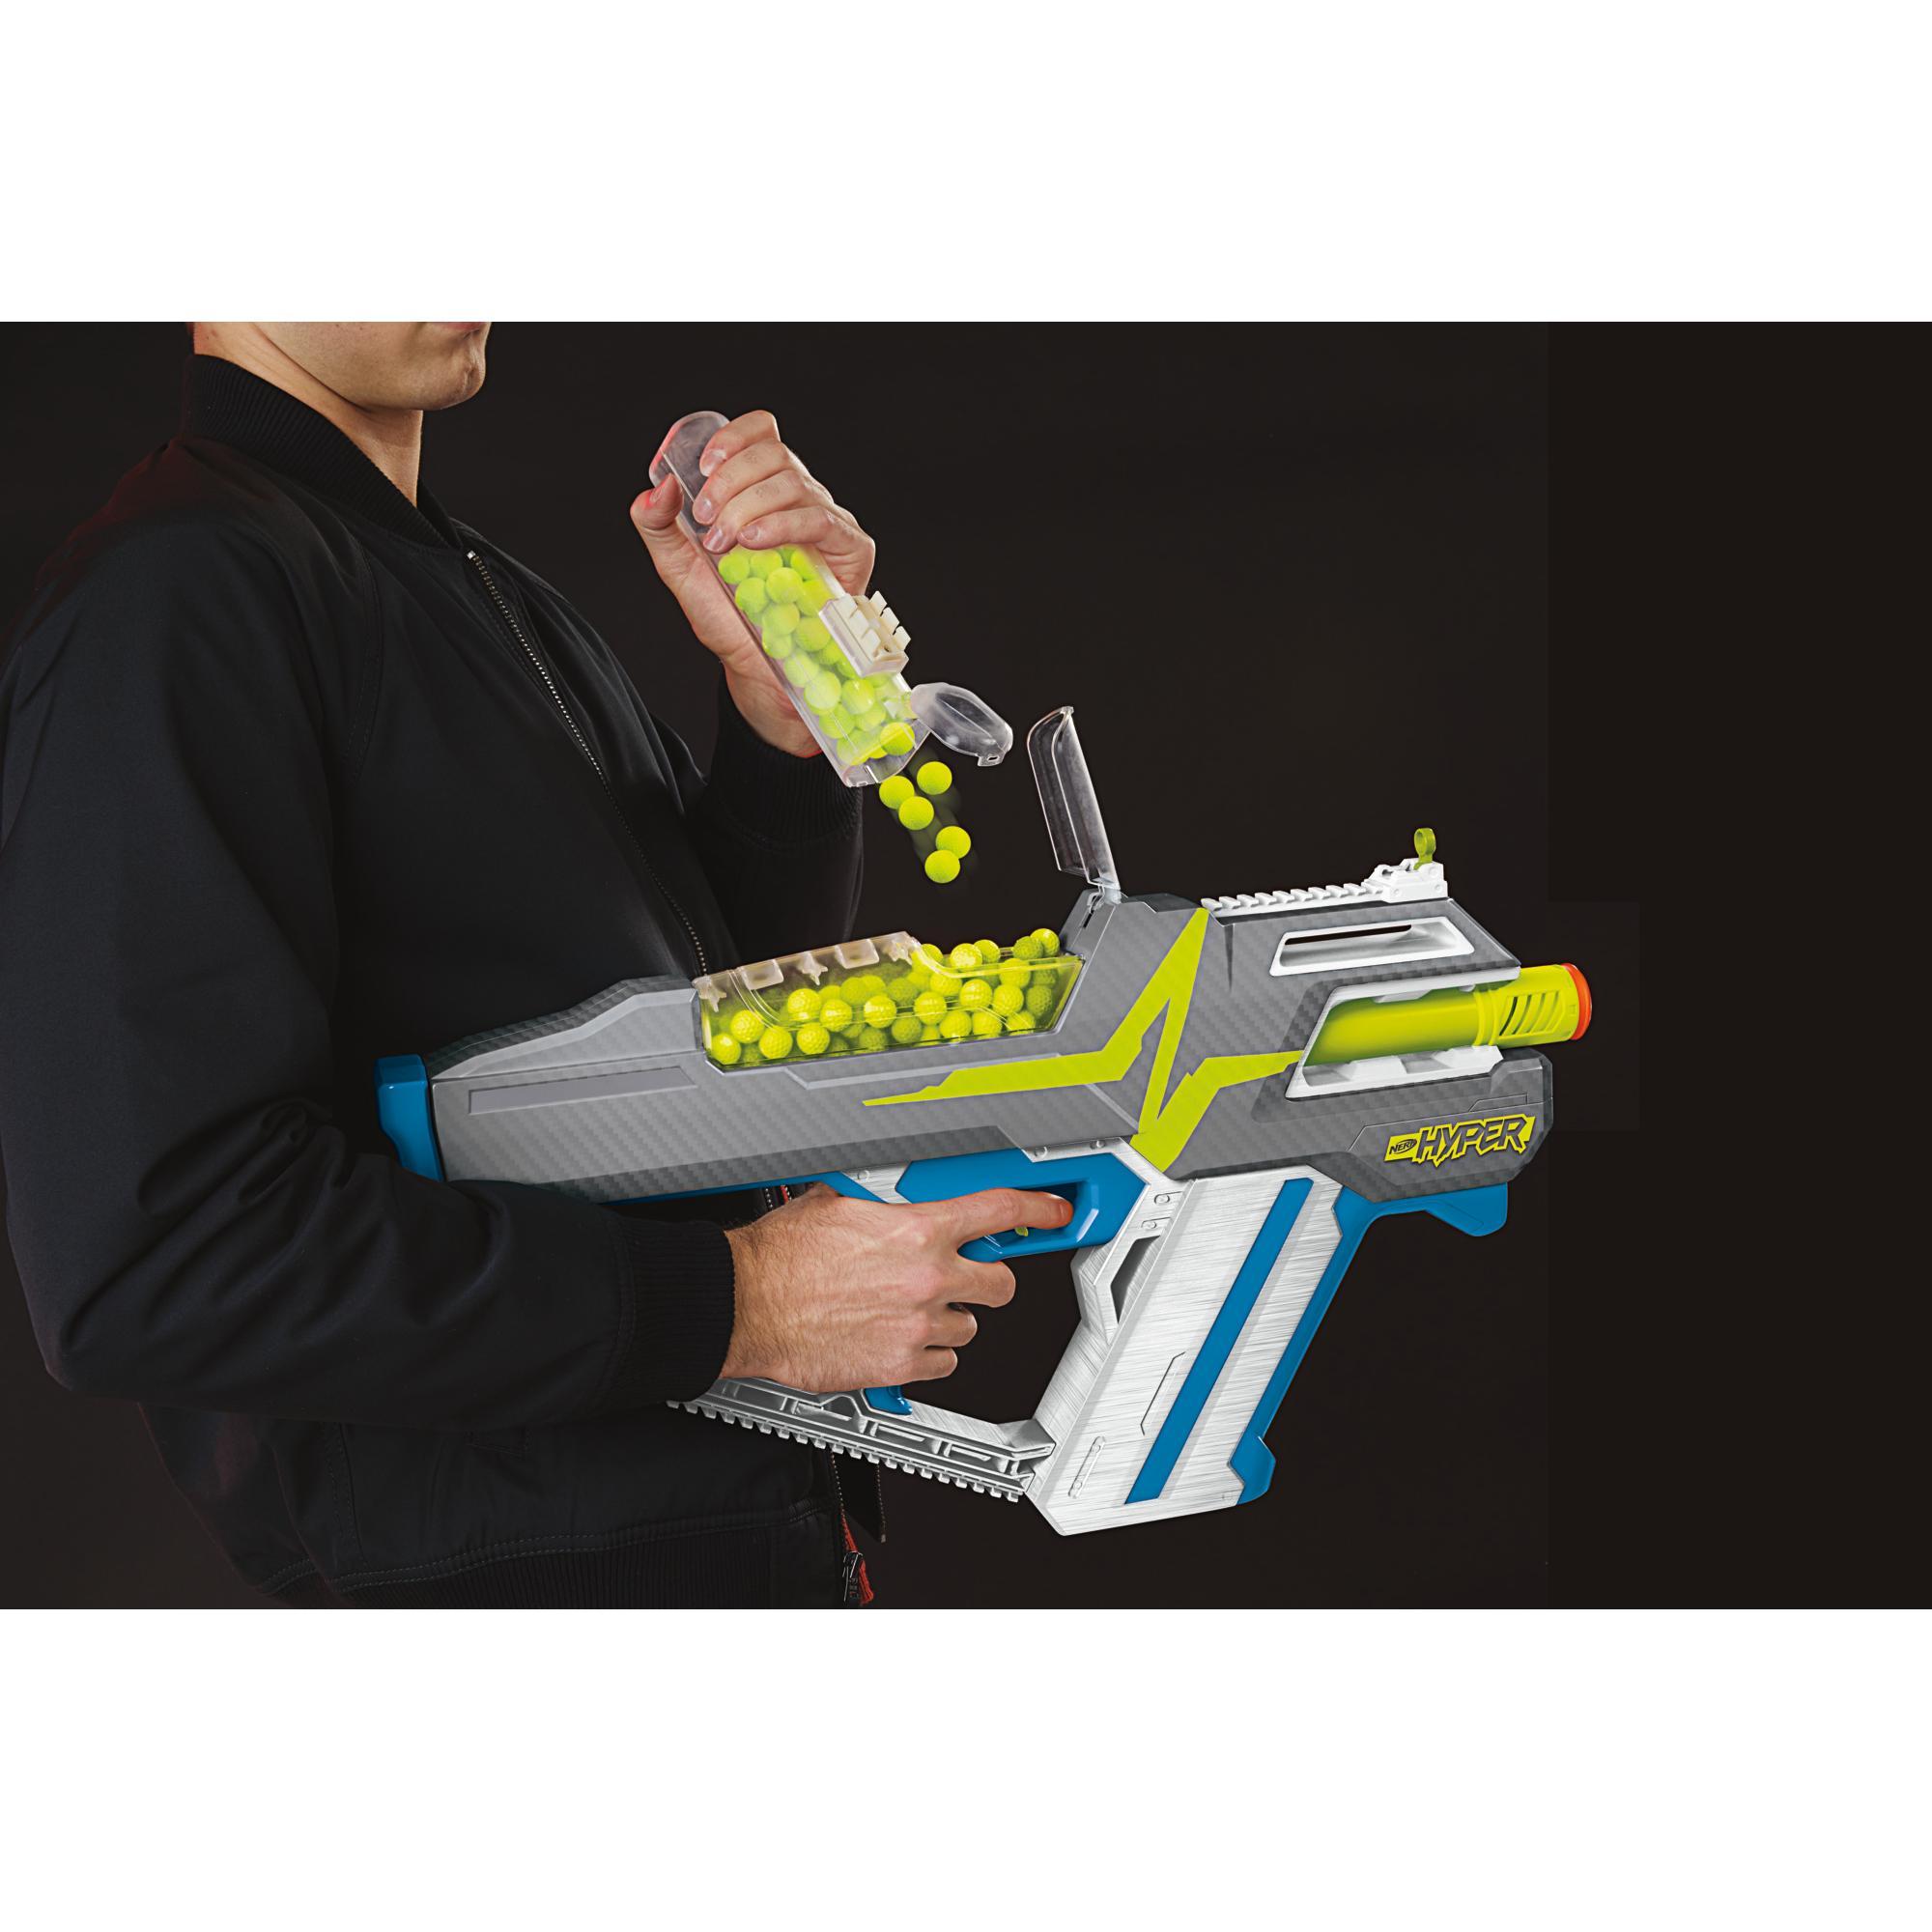 Nerf Hyper, blaster motorisé Mach-100, 80 billes Nerf Hyper, vitesse de 33 m/s, recharge facile, capacité de 100 billes